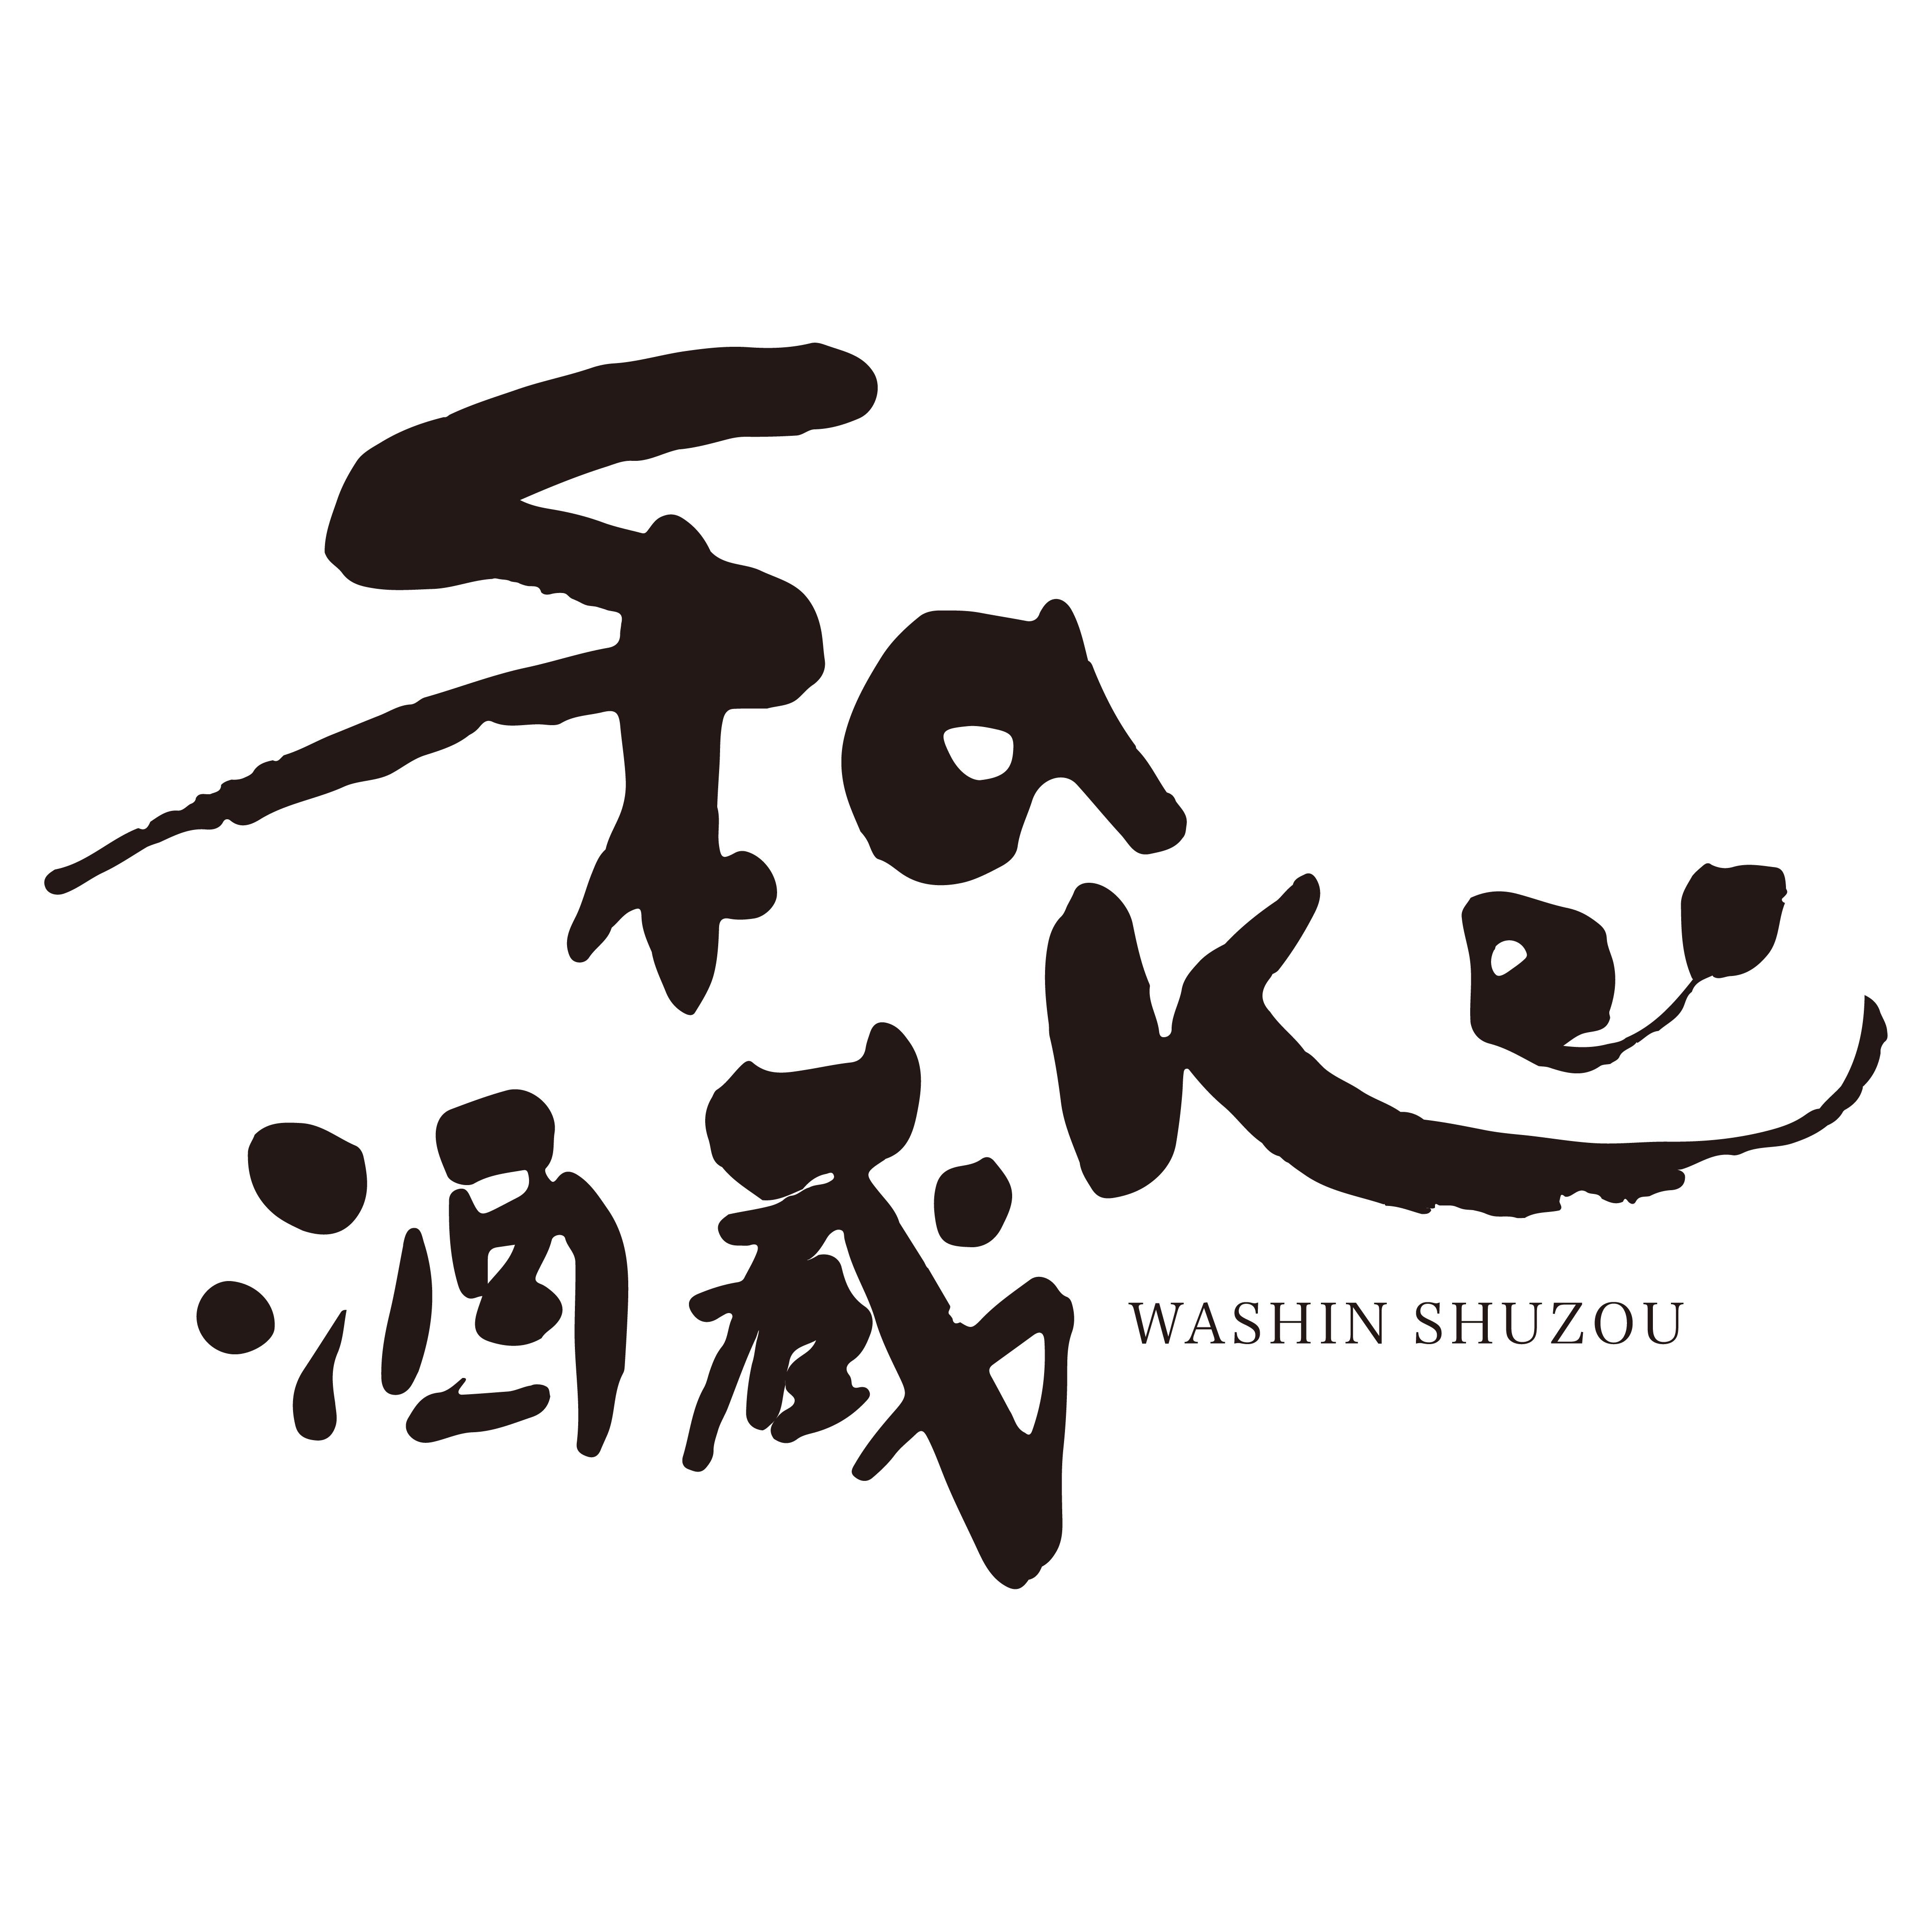 Washin Shuzou 和心酒藏